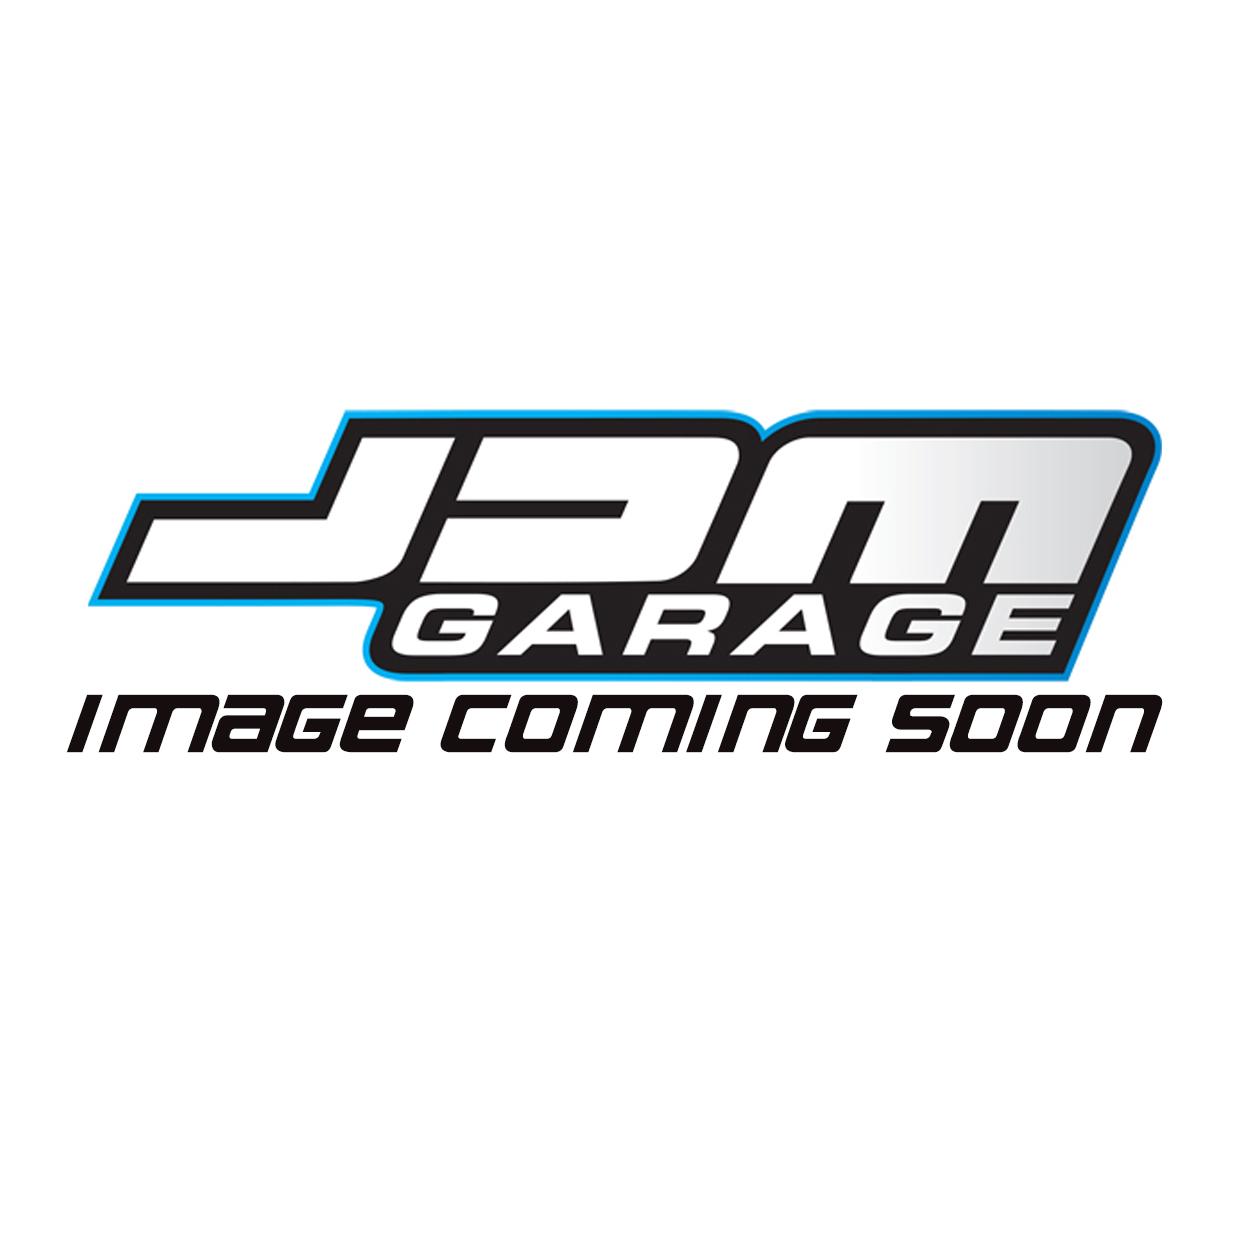 ARP Flywheel Bolt Kit - Skyline R33 / R34 / RB25DET / RB26DETT / Silvia S13 / S14 / S15 / SR20DET / 1JZ / 2JZ / 4AGE